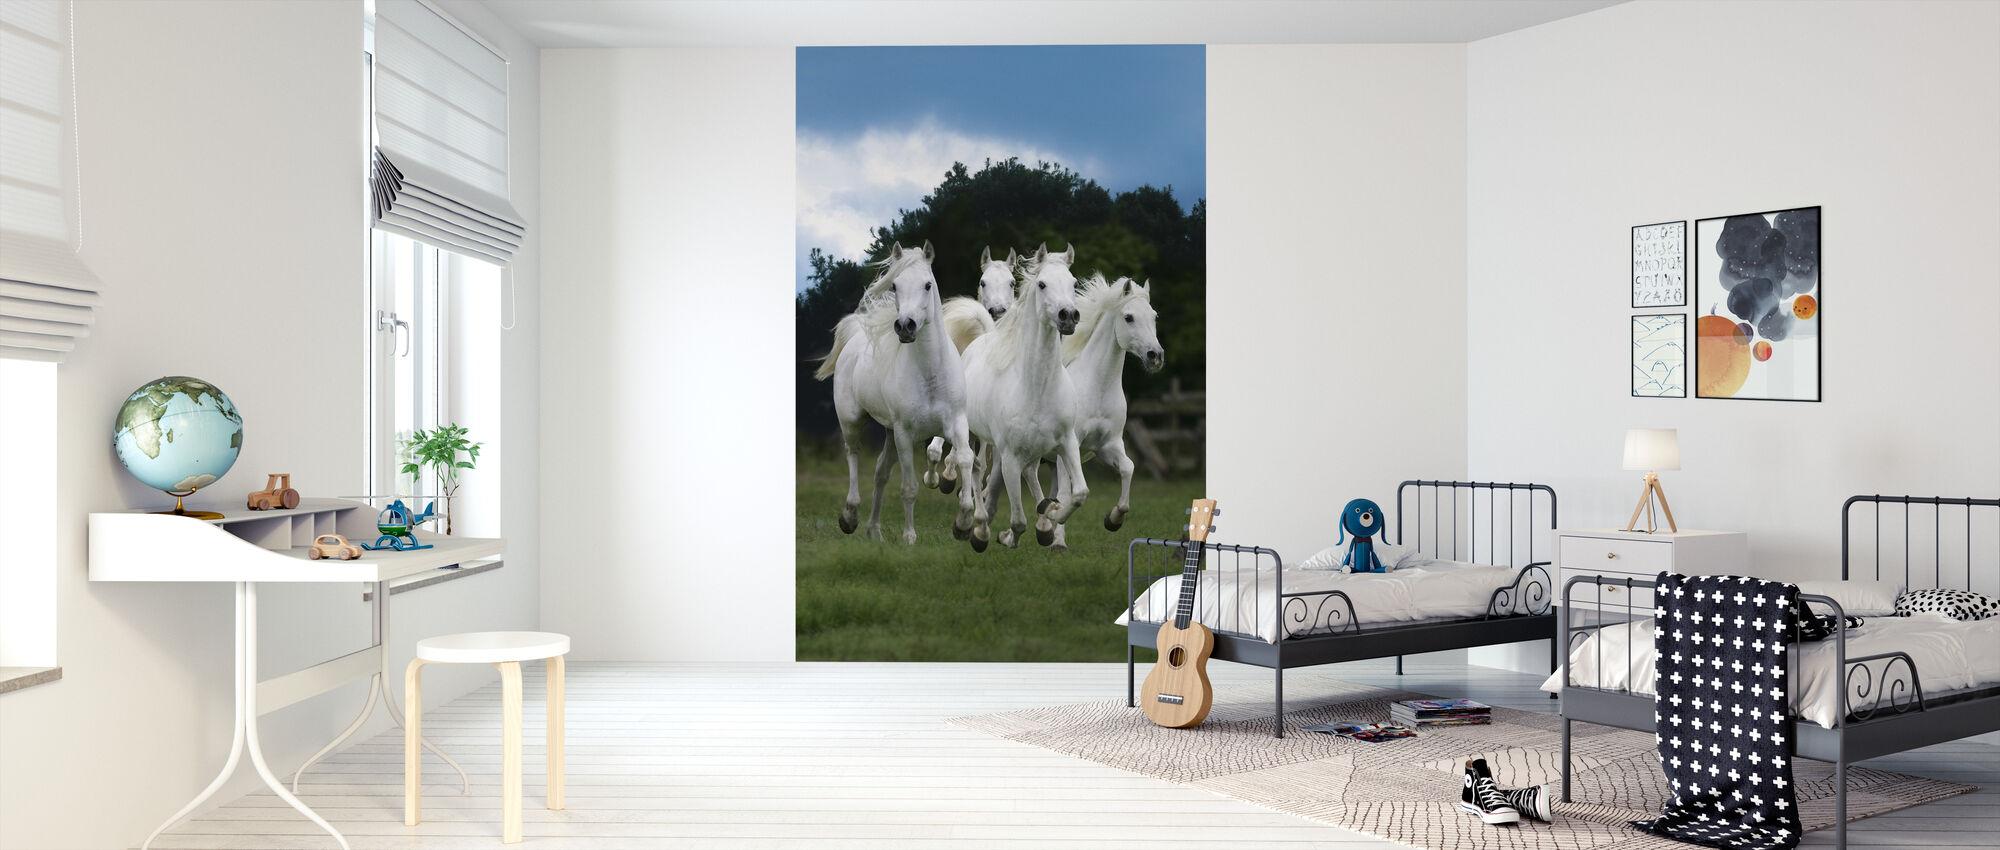 Glänzende weiße Pferde - Tapete - Kinderzimmer